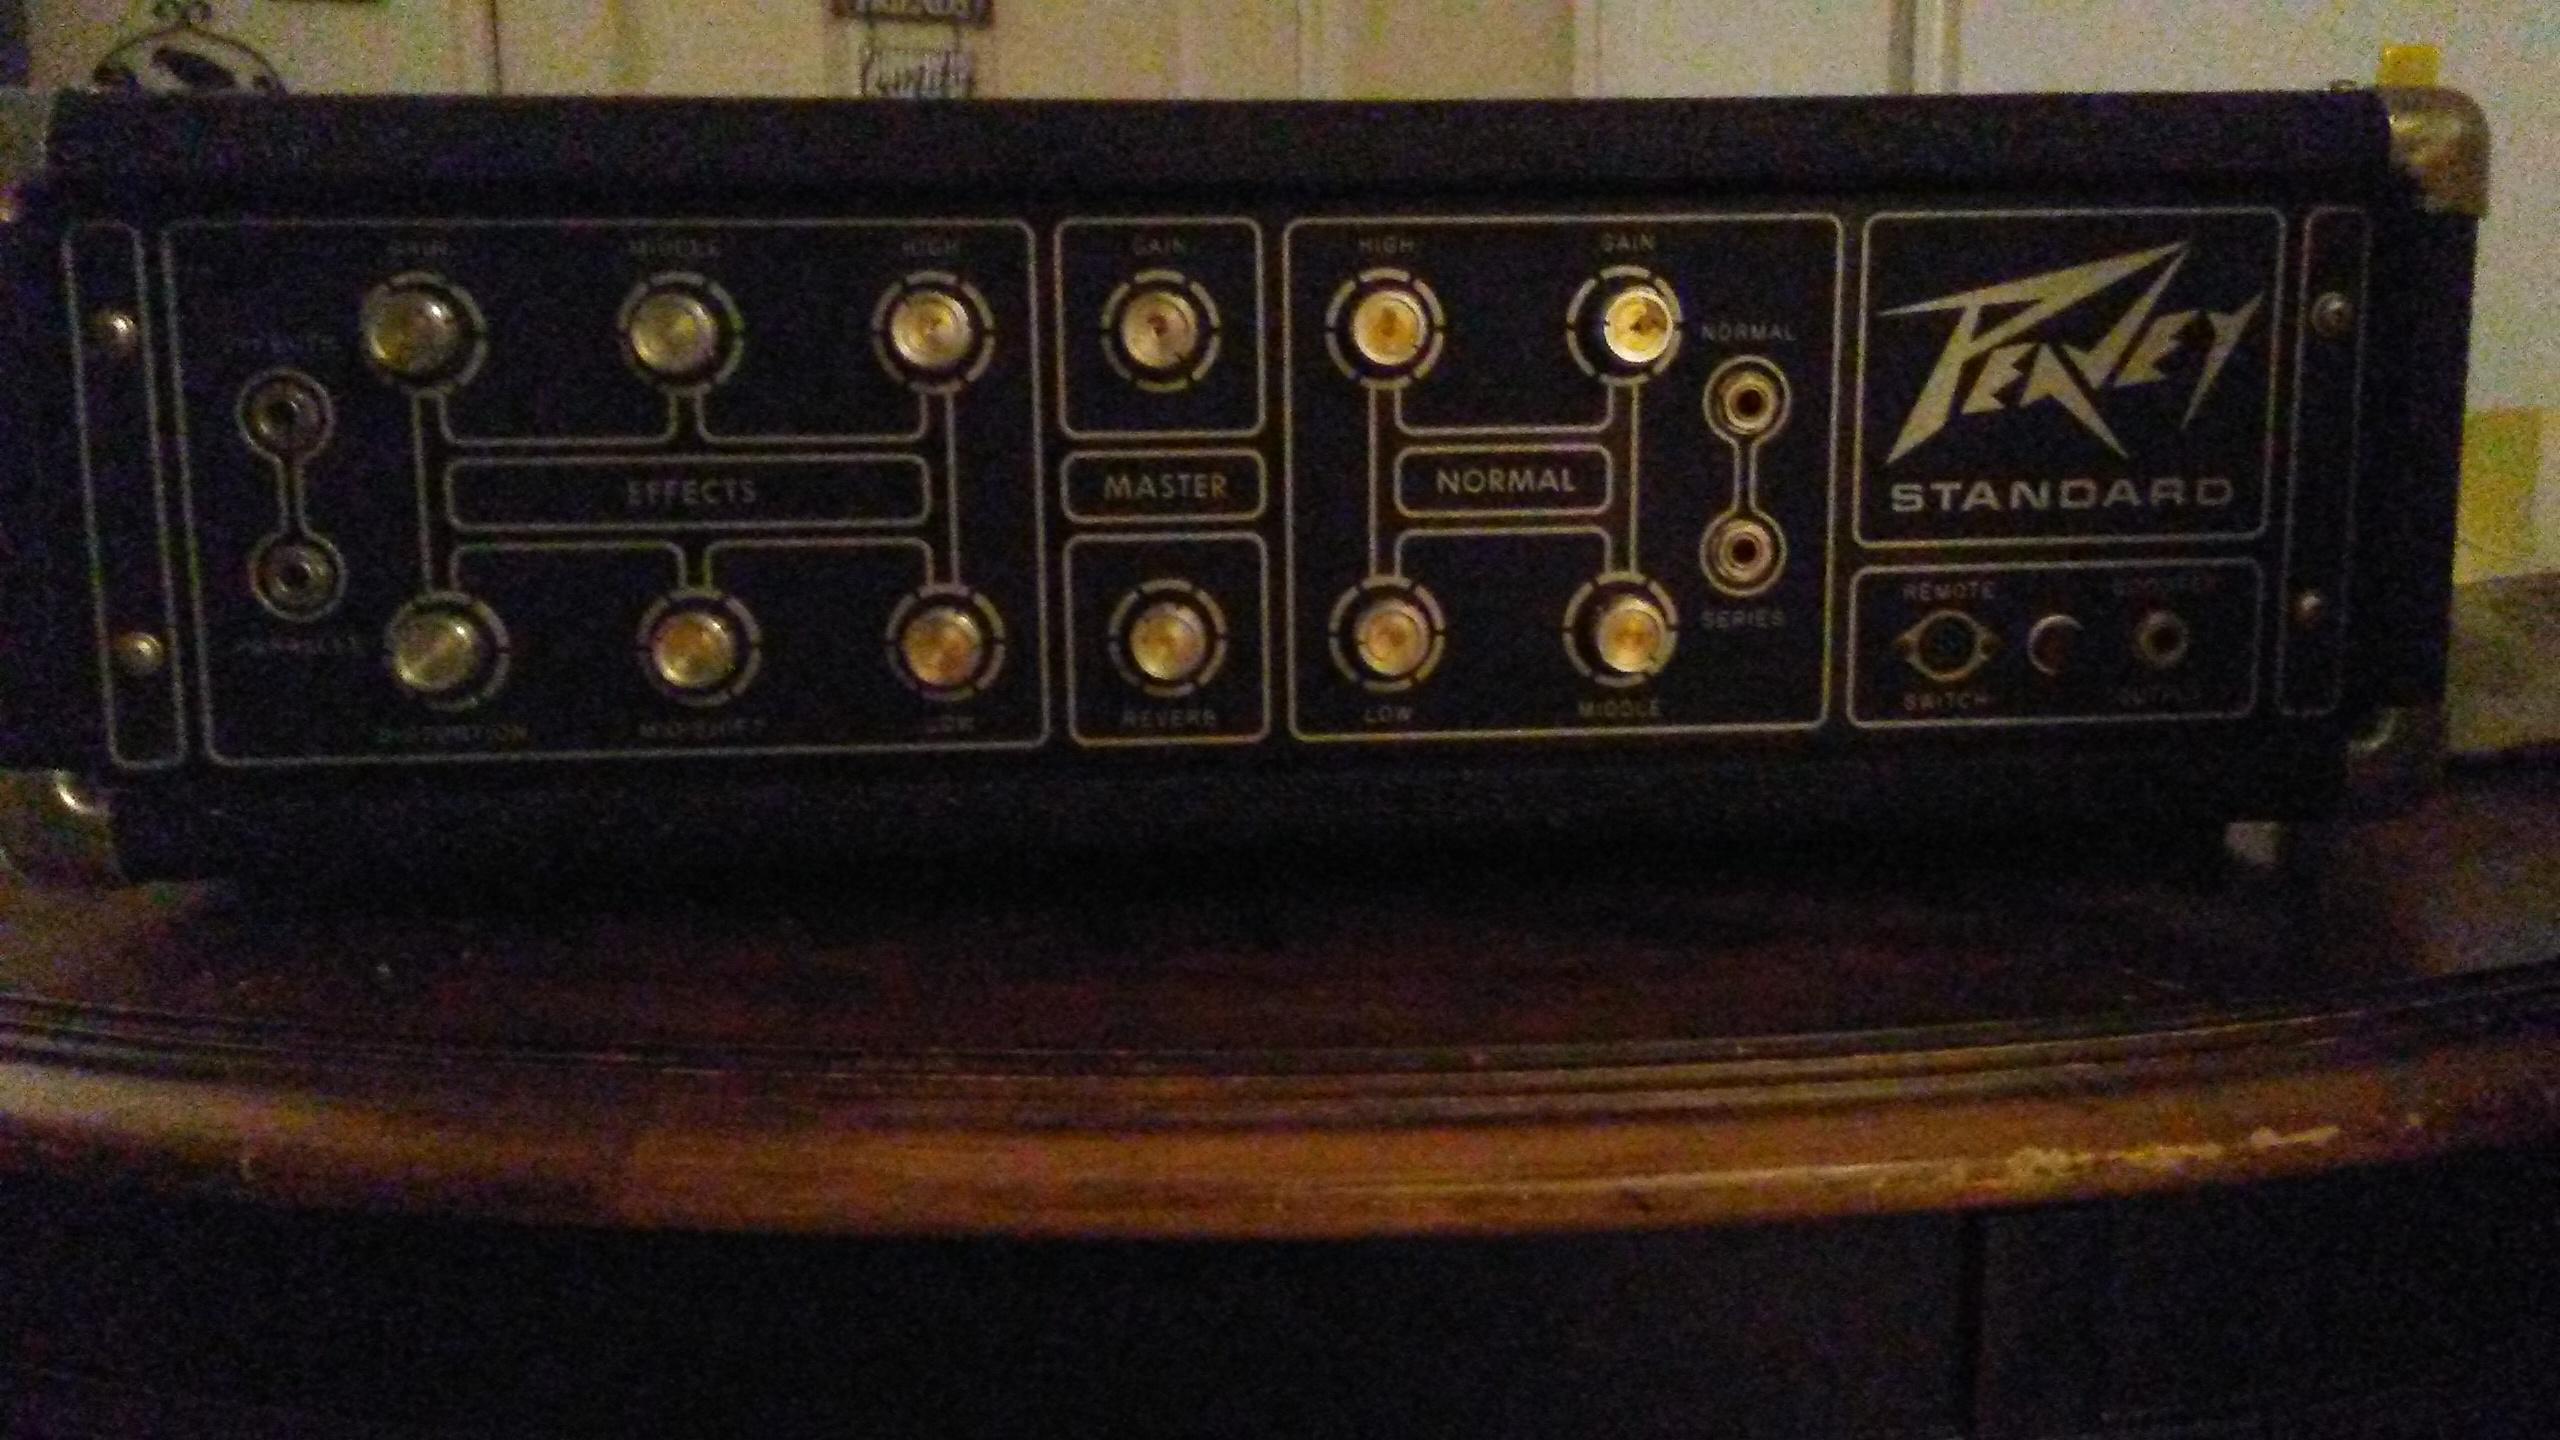 Peavey standard series 260